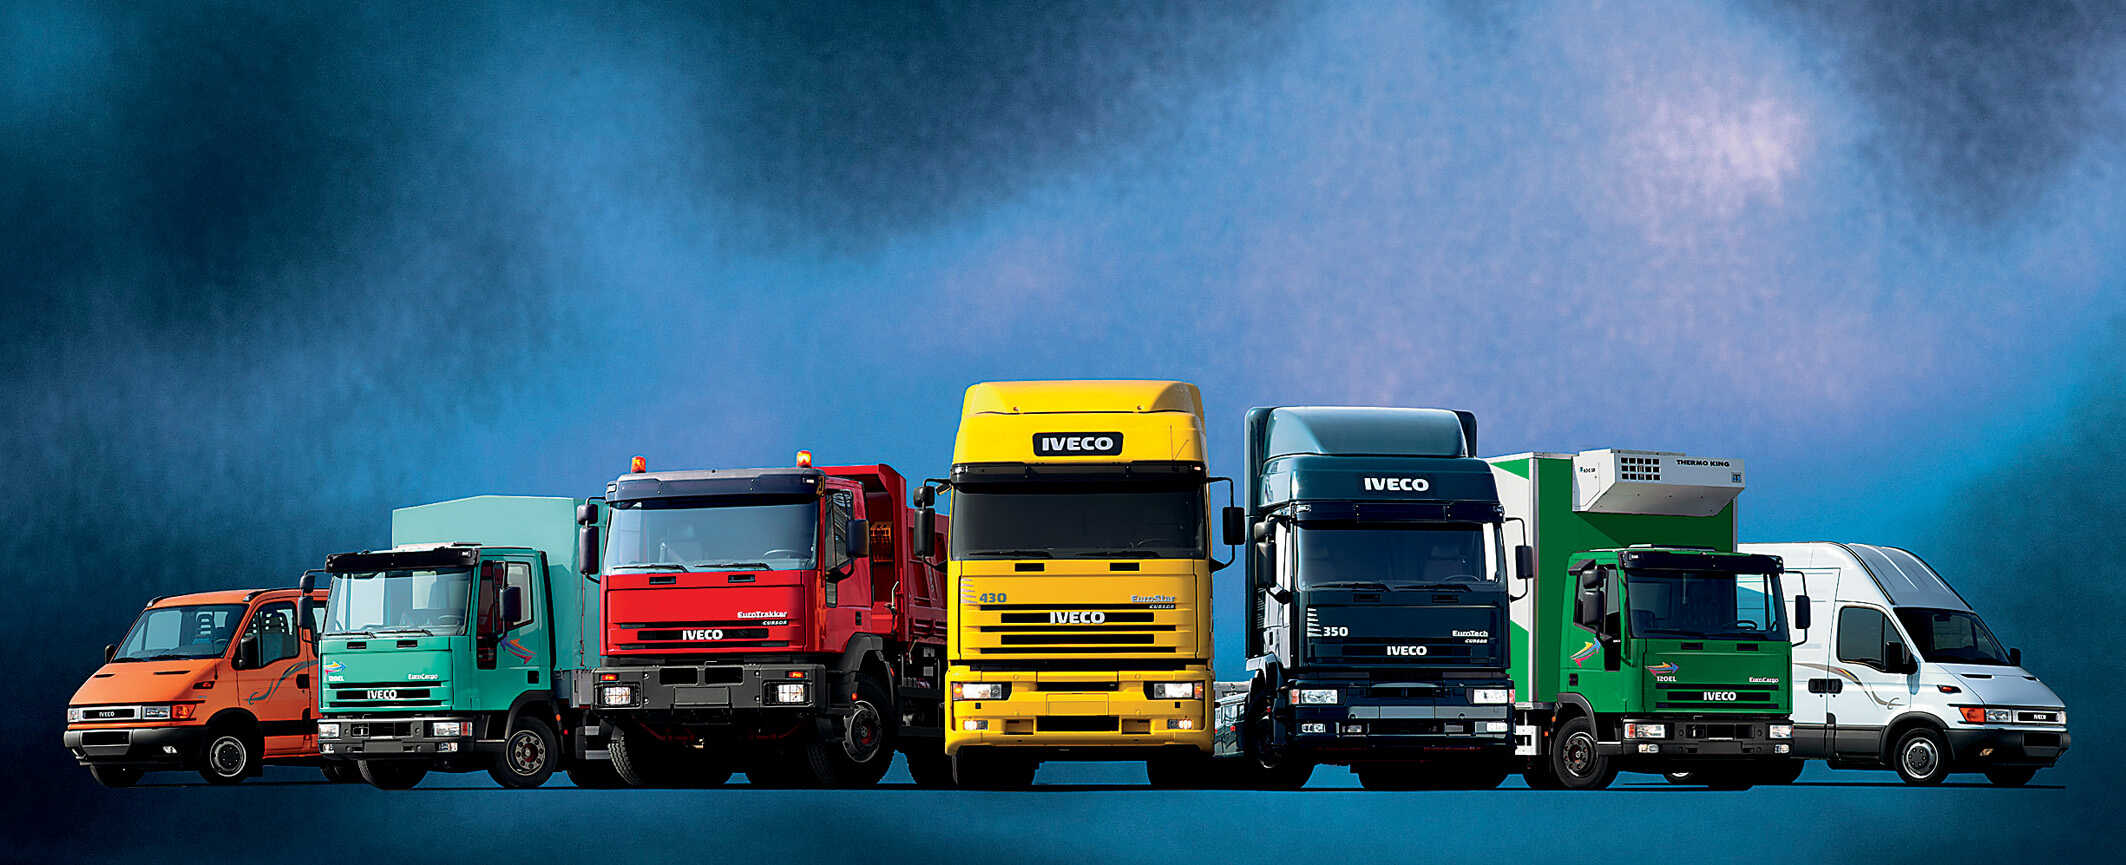 Truck_lineup